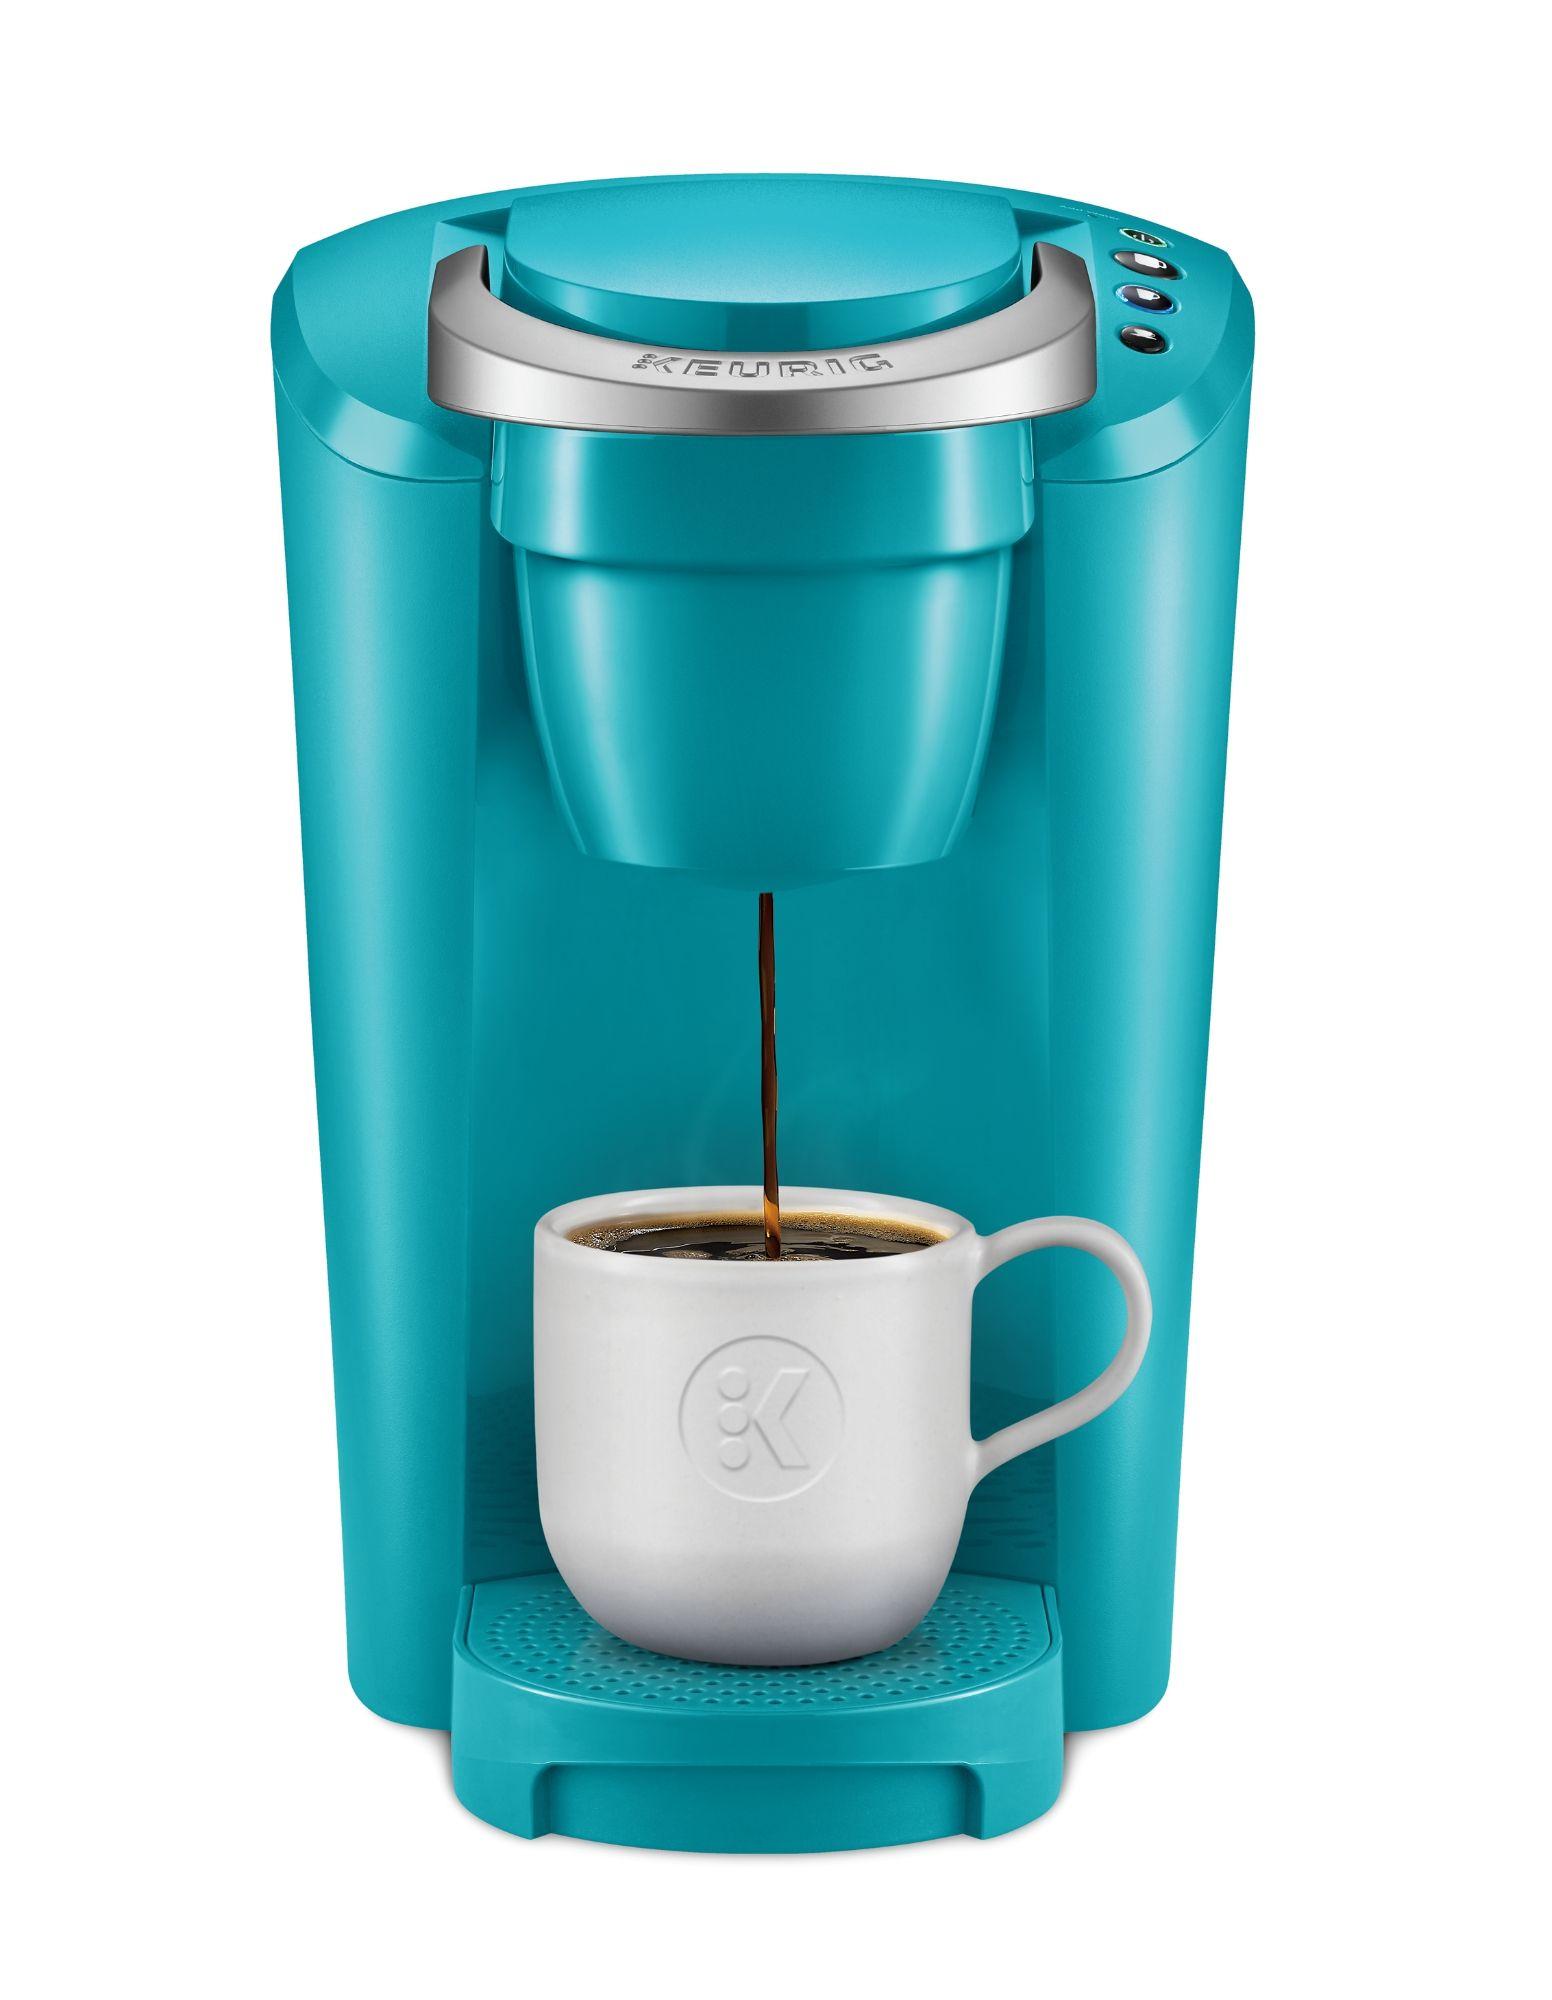 Buy Keurig SingleServe KCup Pod Coffee Maker